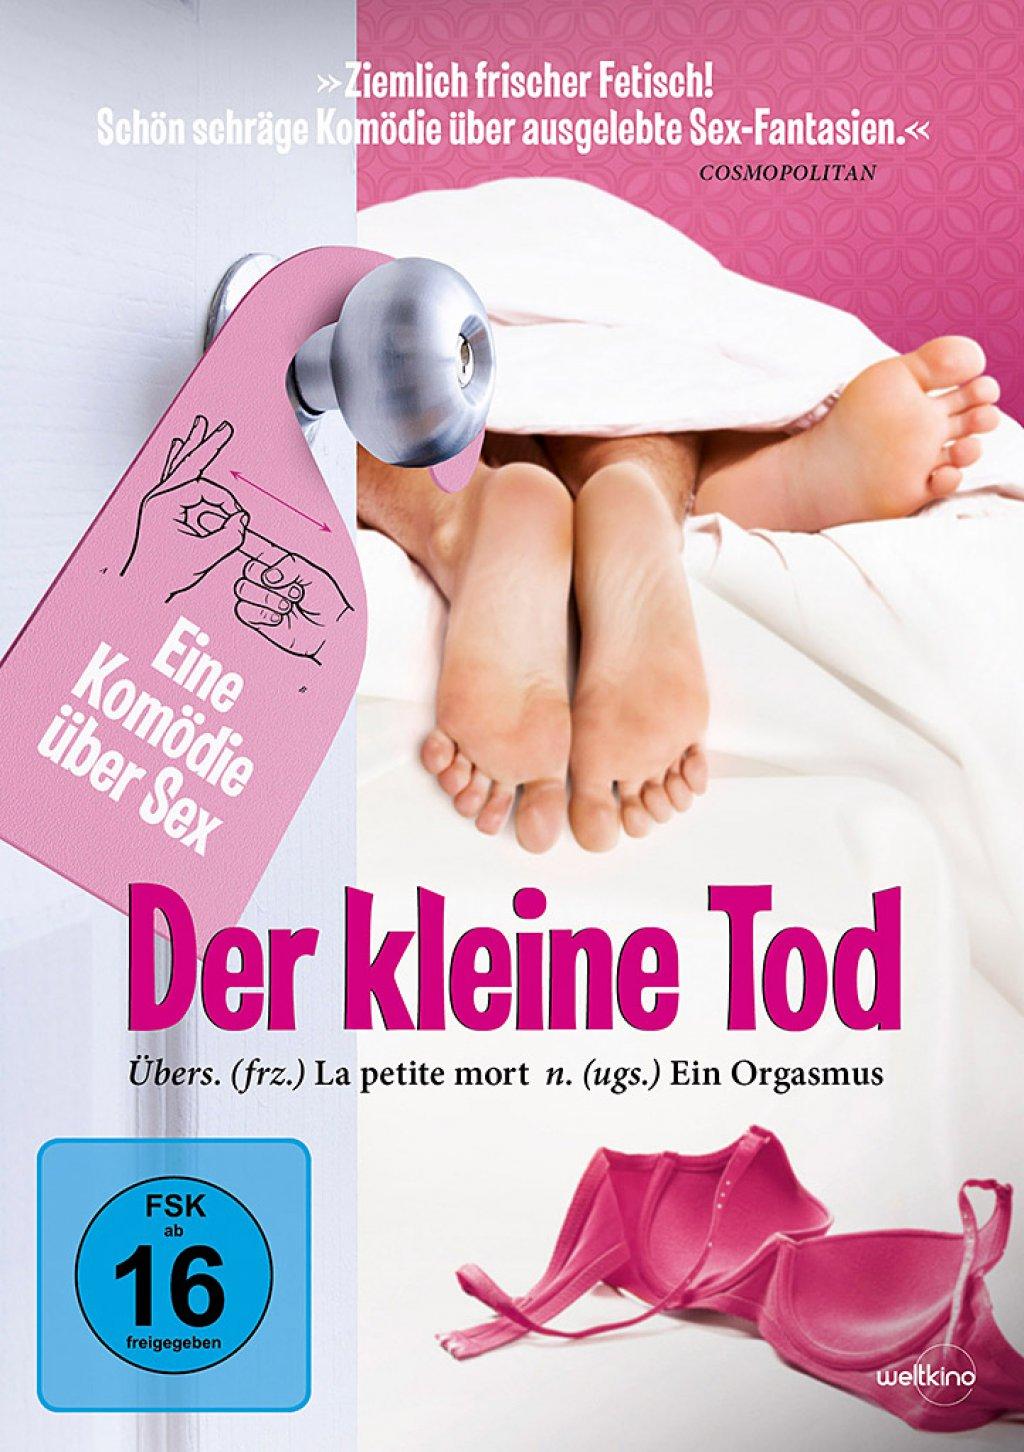 Der kleine Tod - Eine Komödie über Sex (DVD)